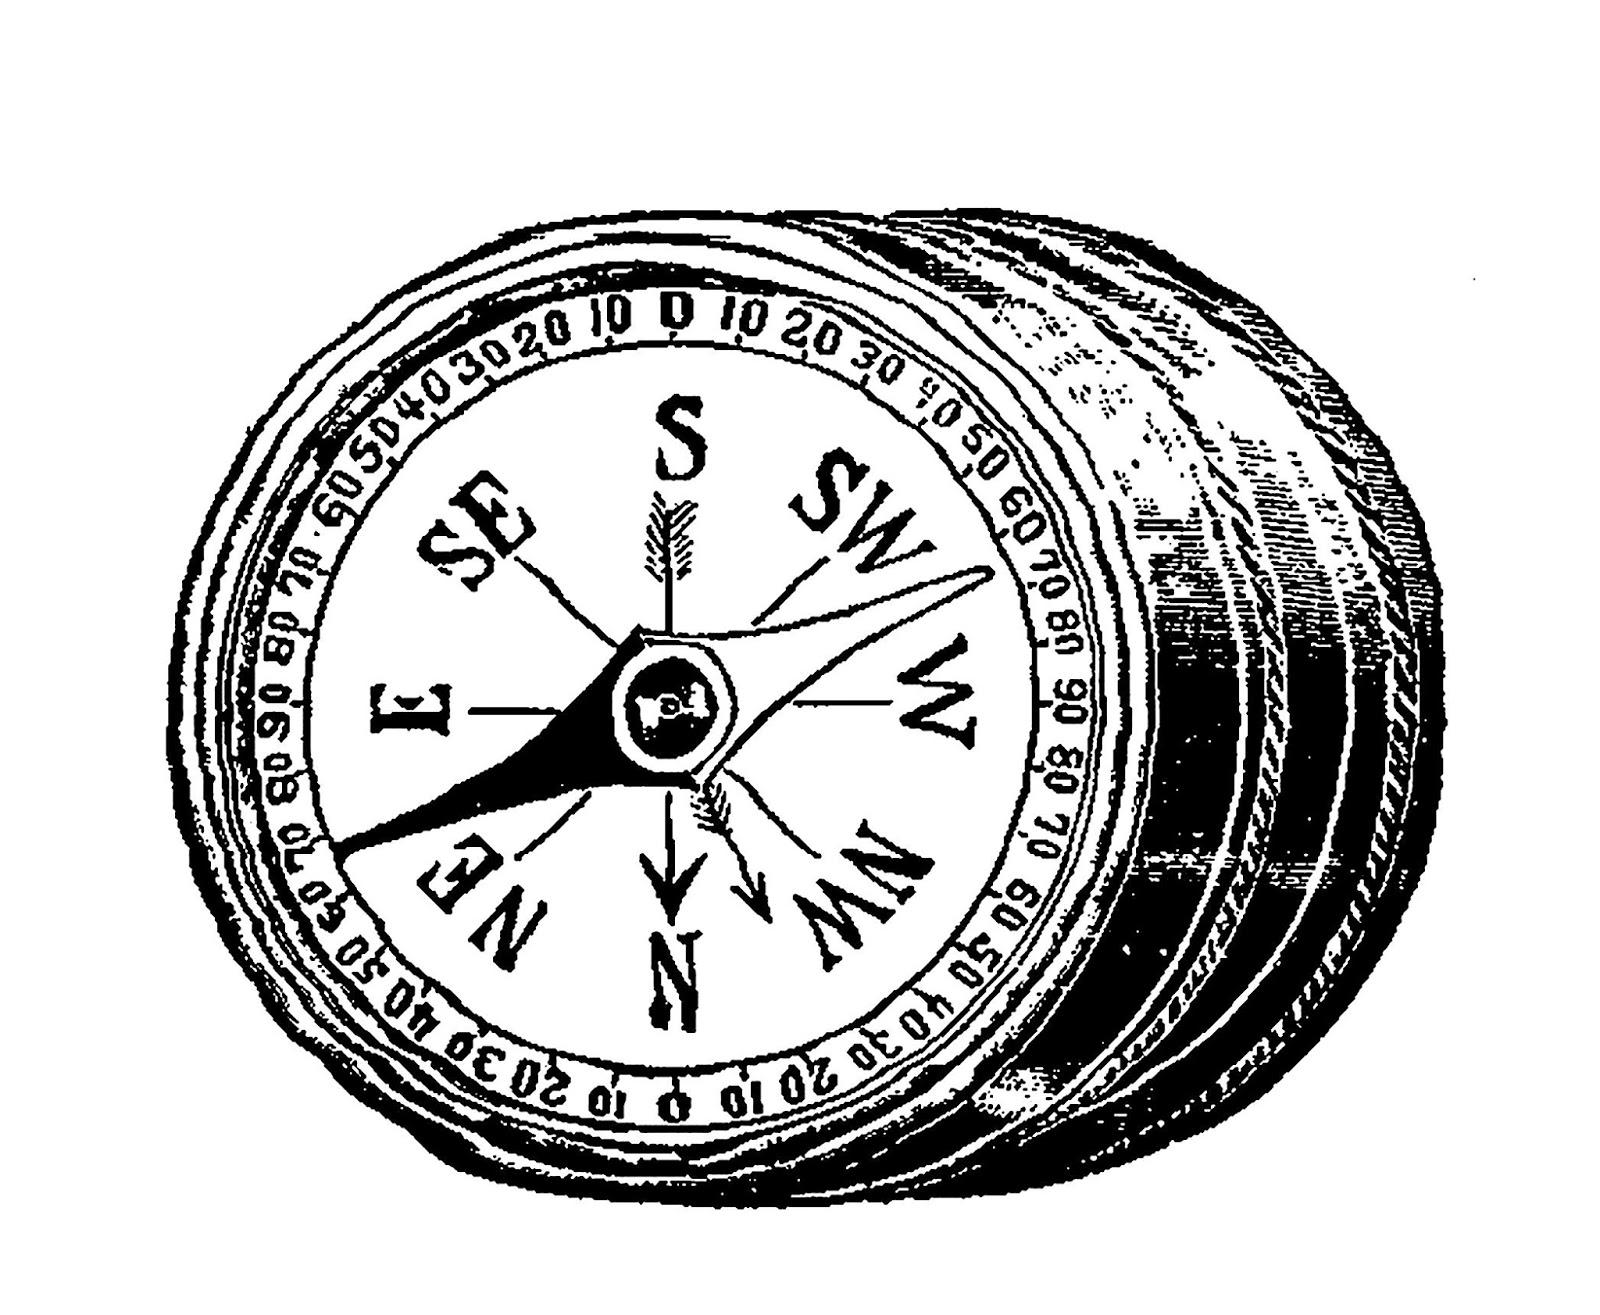 Antique images digital image. Compass clipart vintage